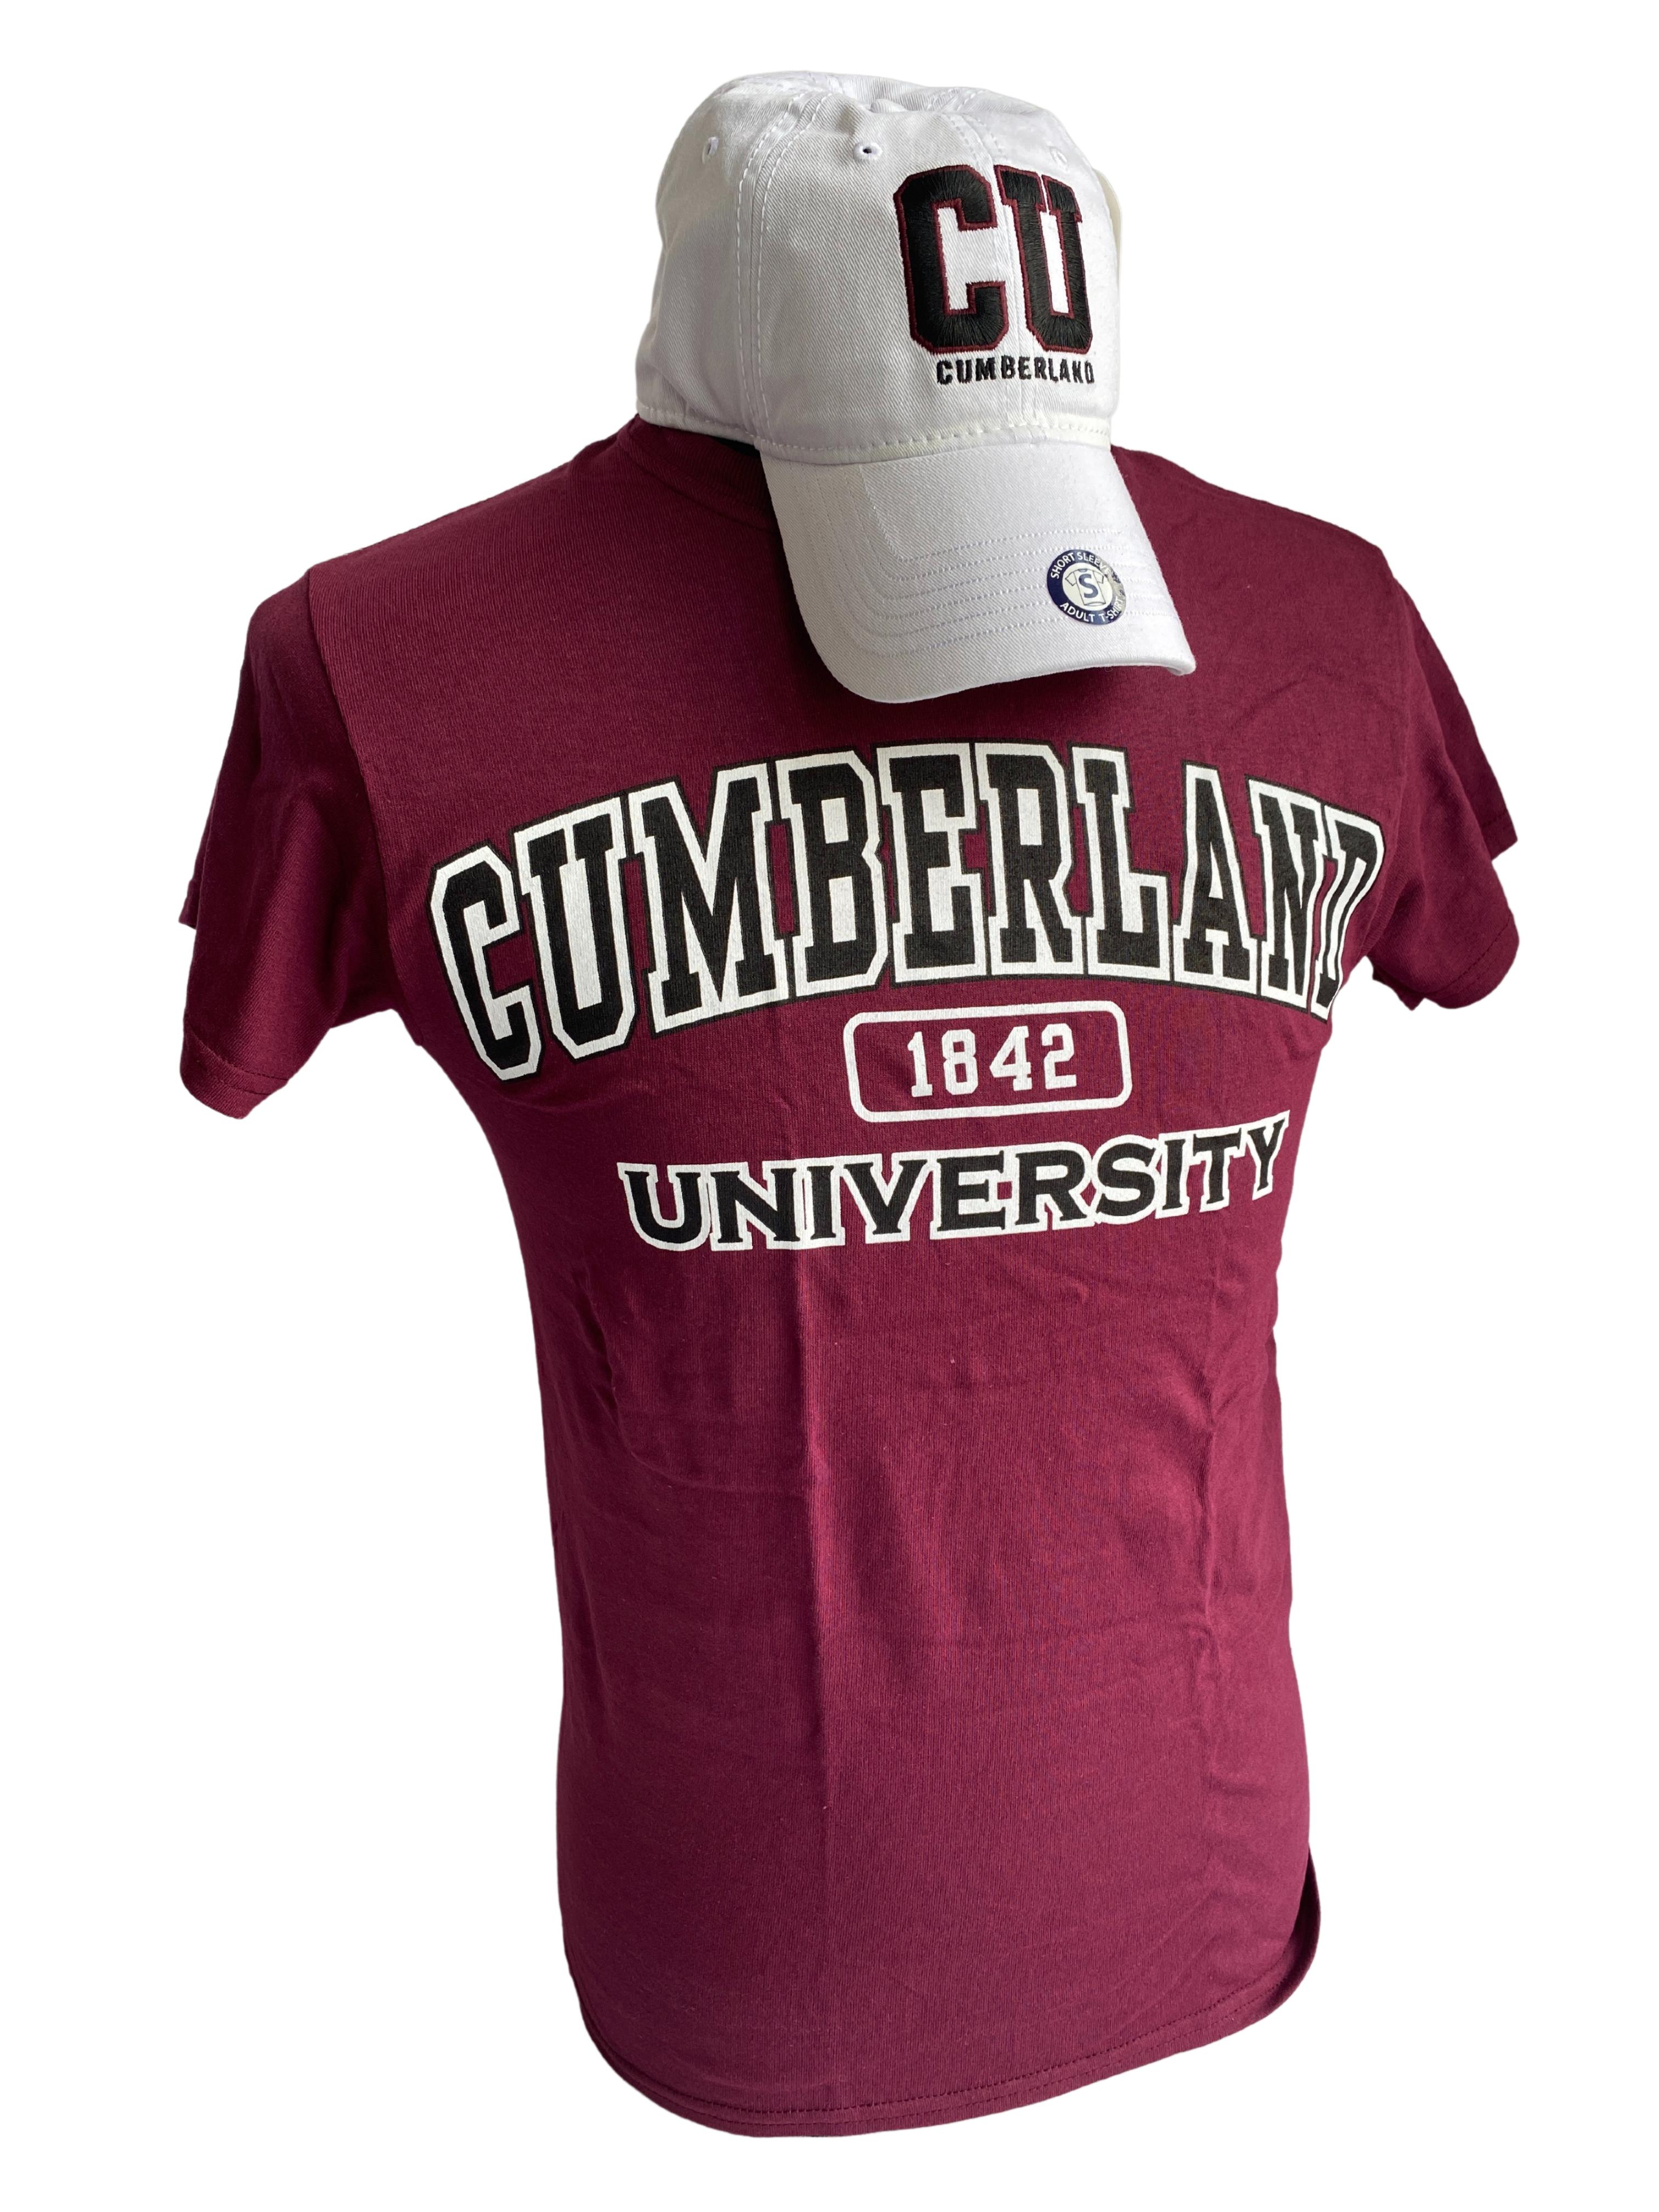 CU Cumberland Hat & Tshirt Combo